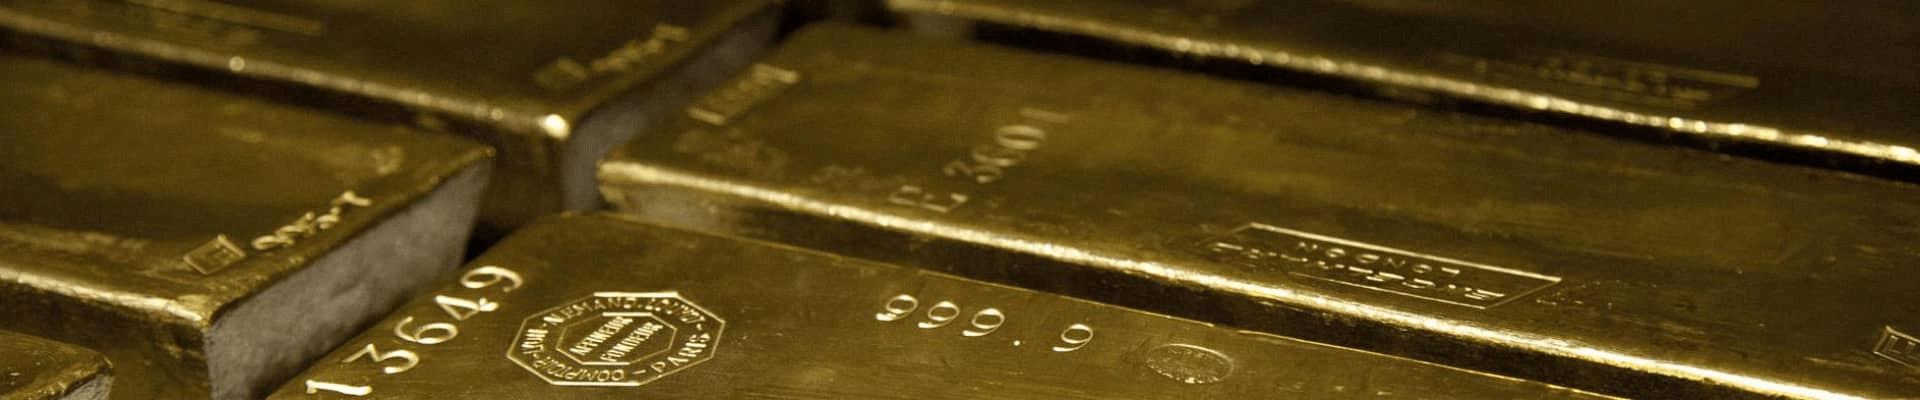 Инвестиции в золото — актуальная возможность снизить риски и сохранить свои средства в условиях пандемии